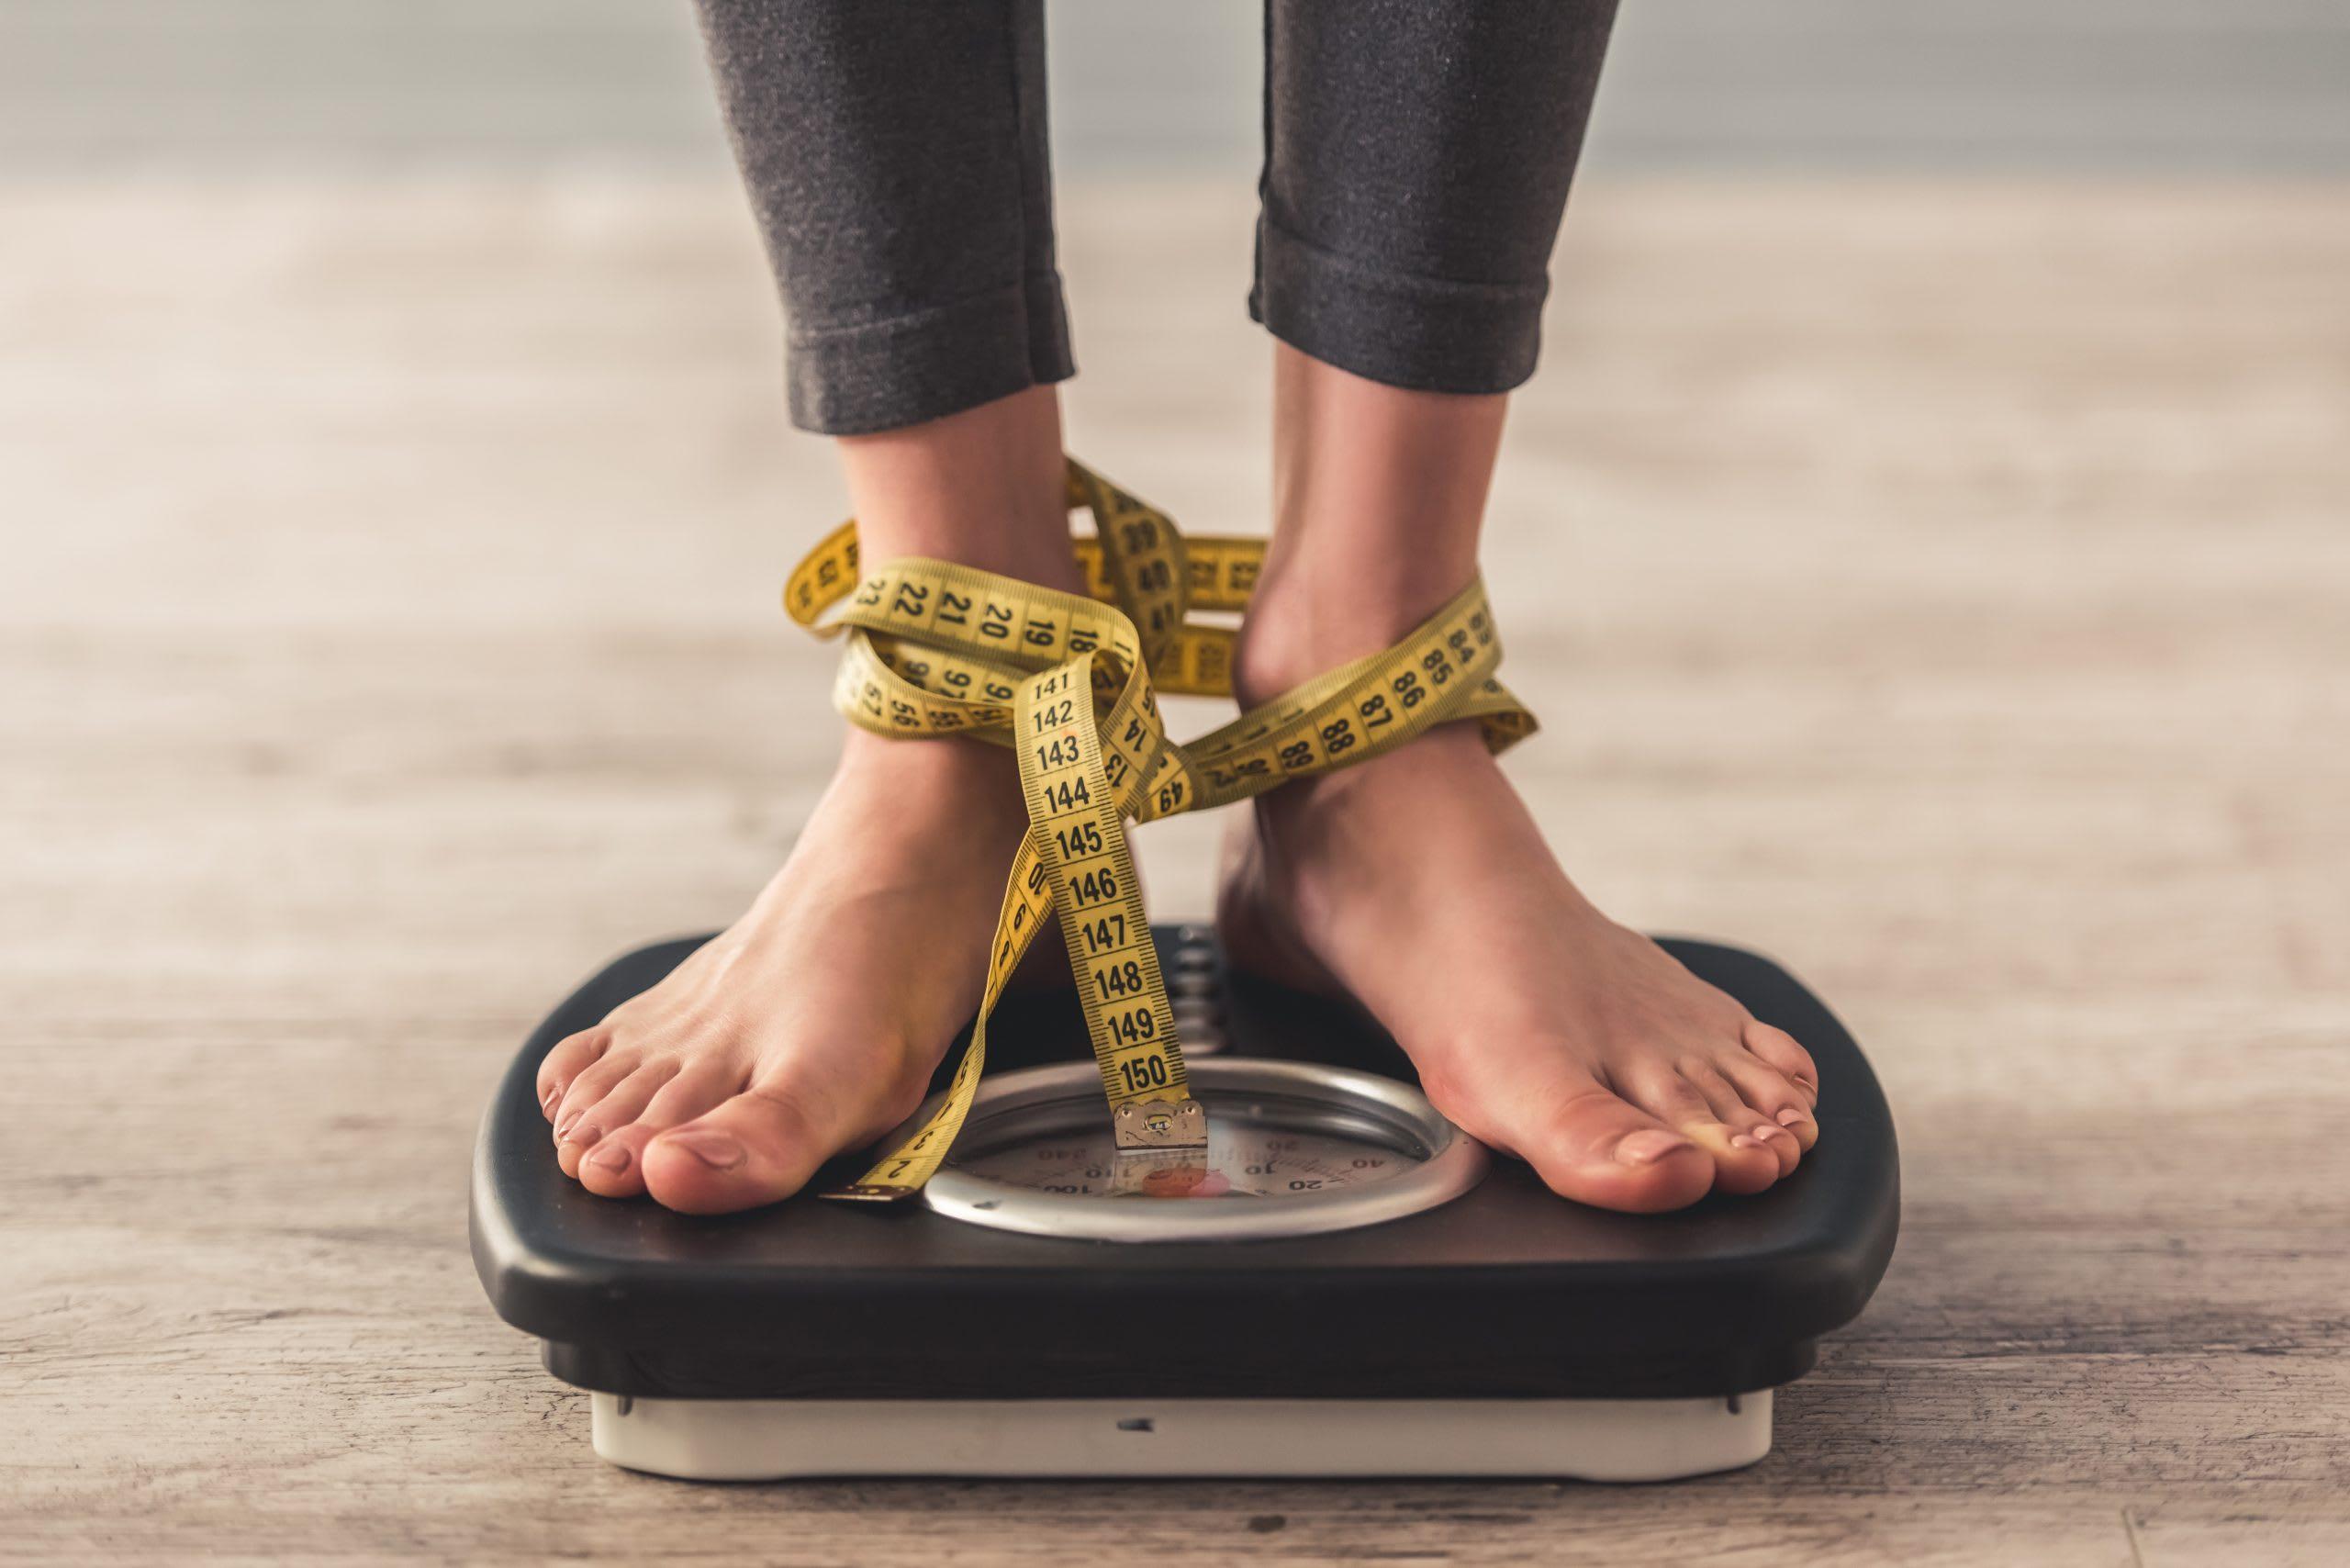 Votre IMC est-il normal? Calculez votre IMC grâce à la formule IMC. Entrez votre sexe (homme/femme), votre poids et votre taille dans le calculateur d'IMC de Swissmilk, et vous obtiendrez votre résultat ainsi que des infos sur l'indice de masse corporelle.